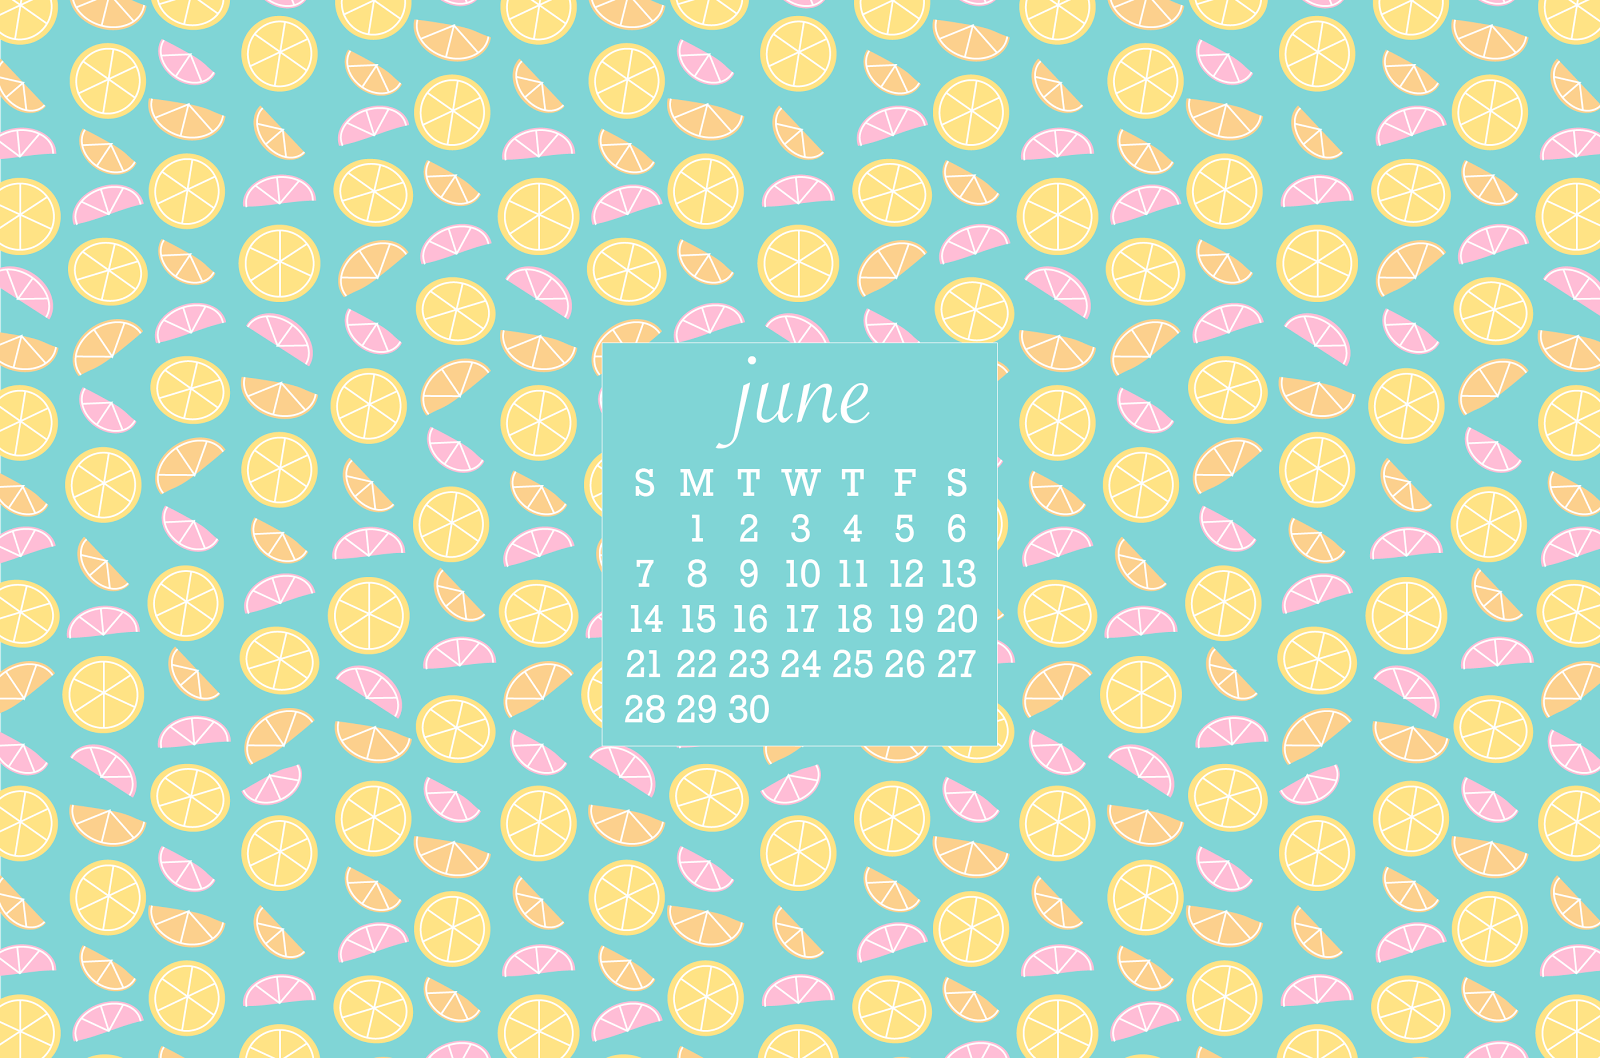 Kate Calendar Wallpaper : Desktop wallpapers calendar june wallpapersafari